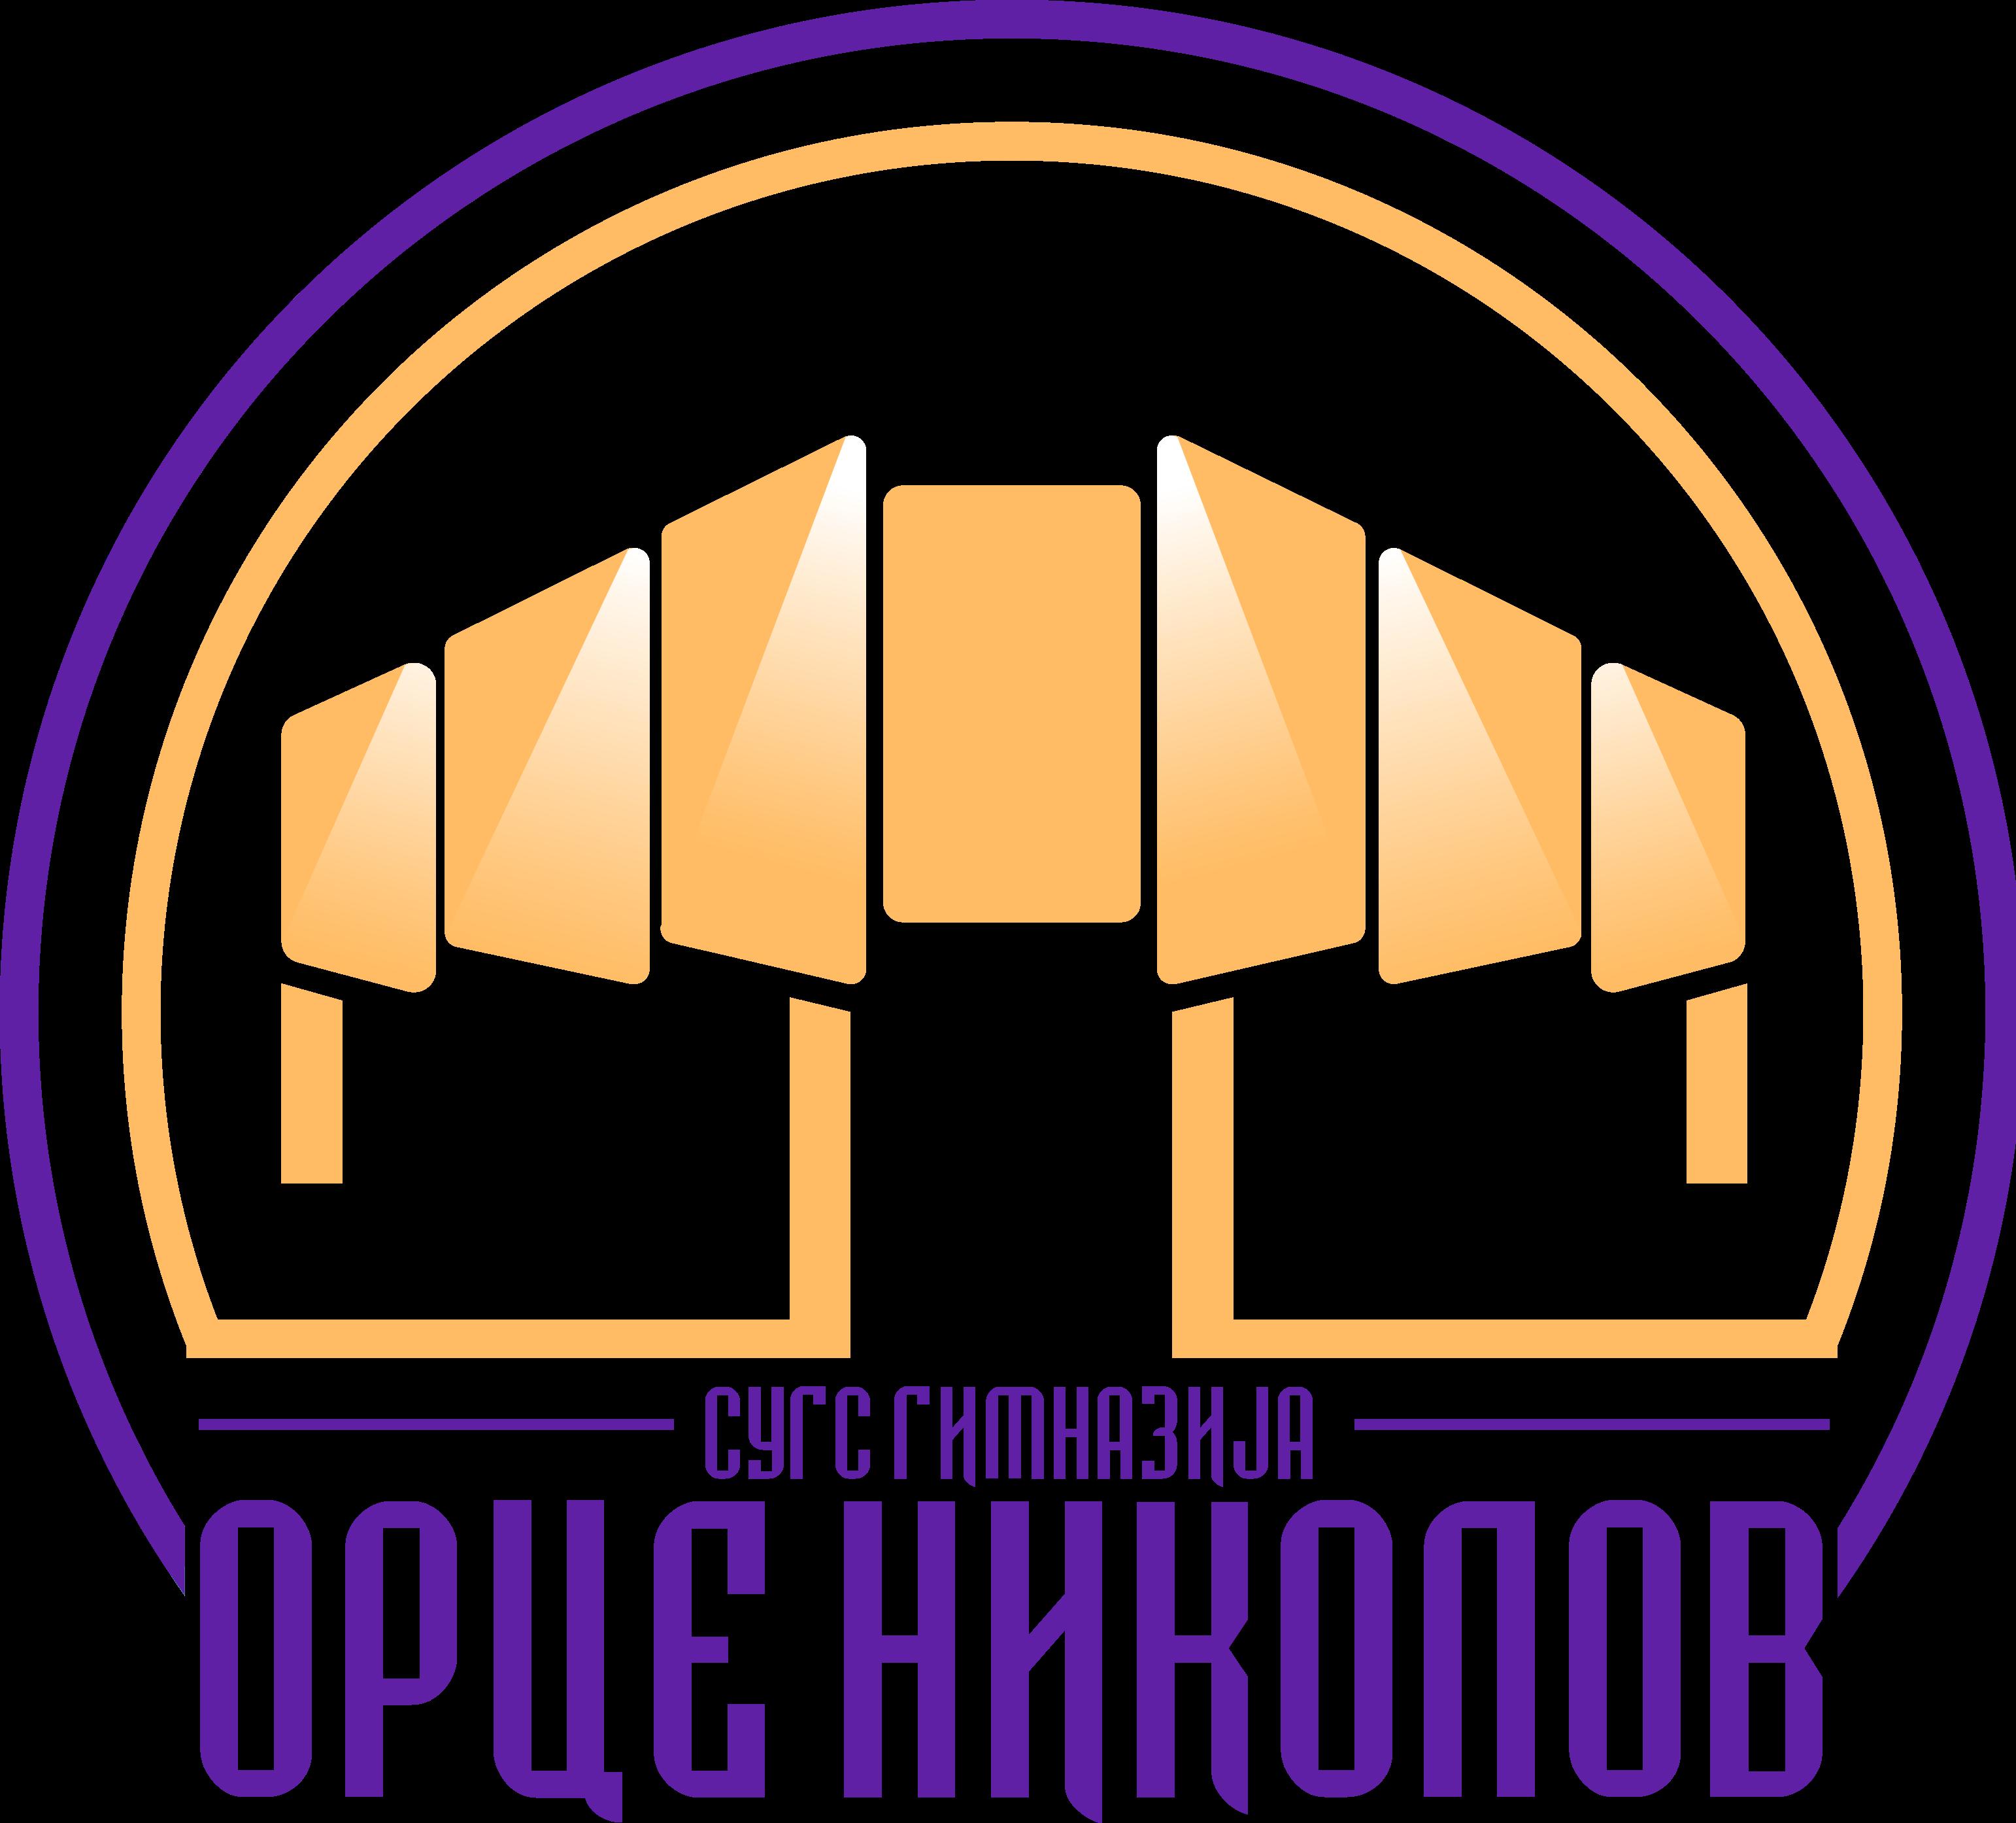 """СУГС Гимназија """"Орце Николов"""""""